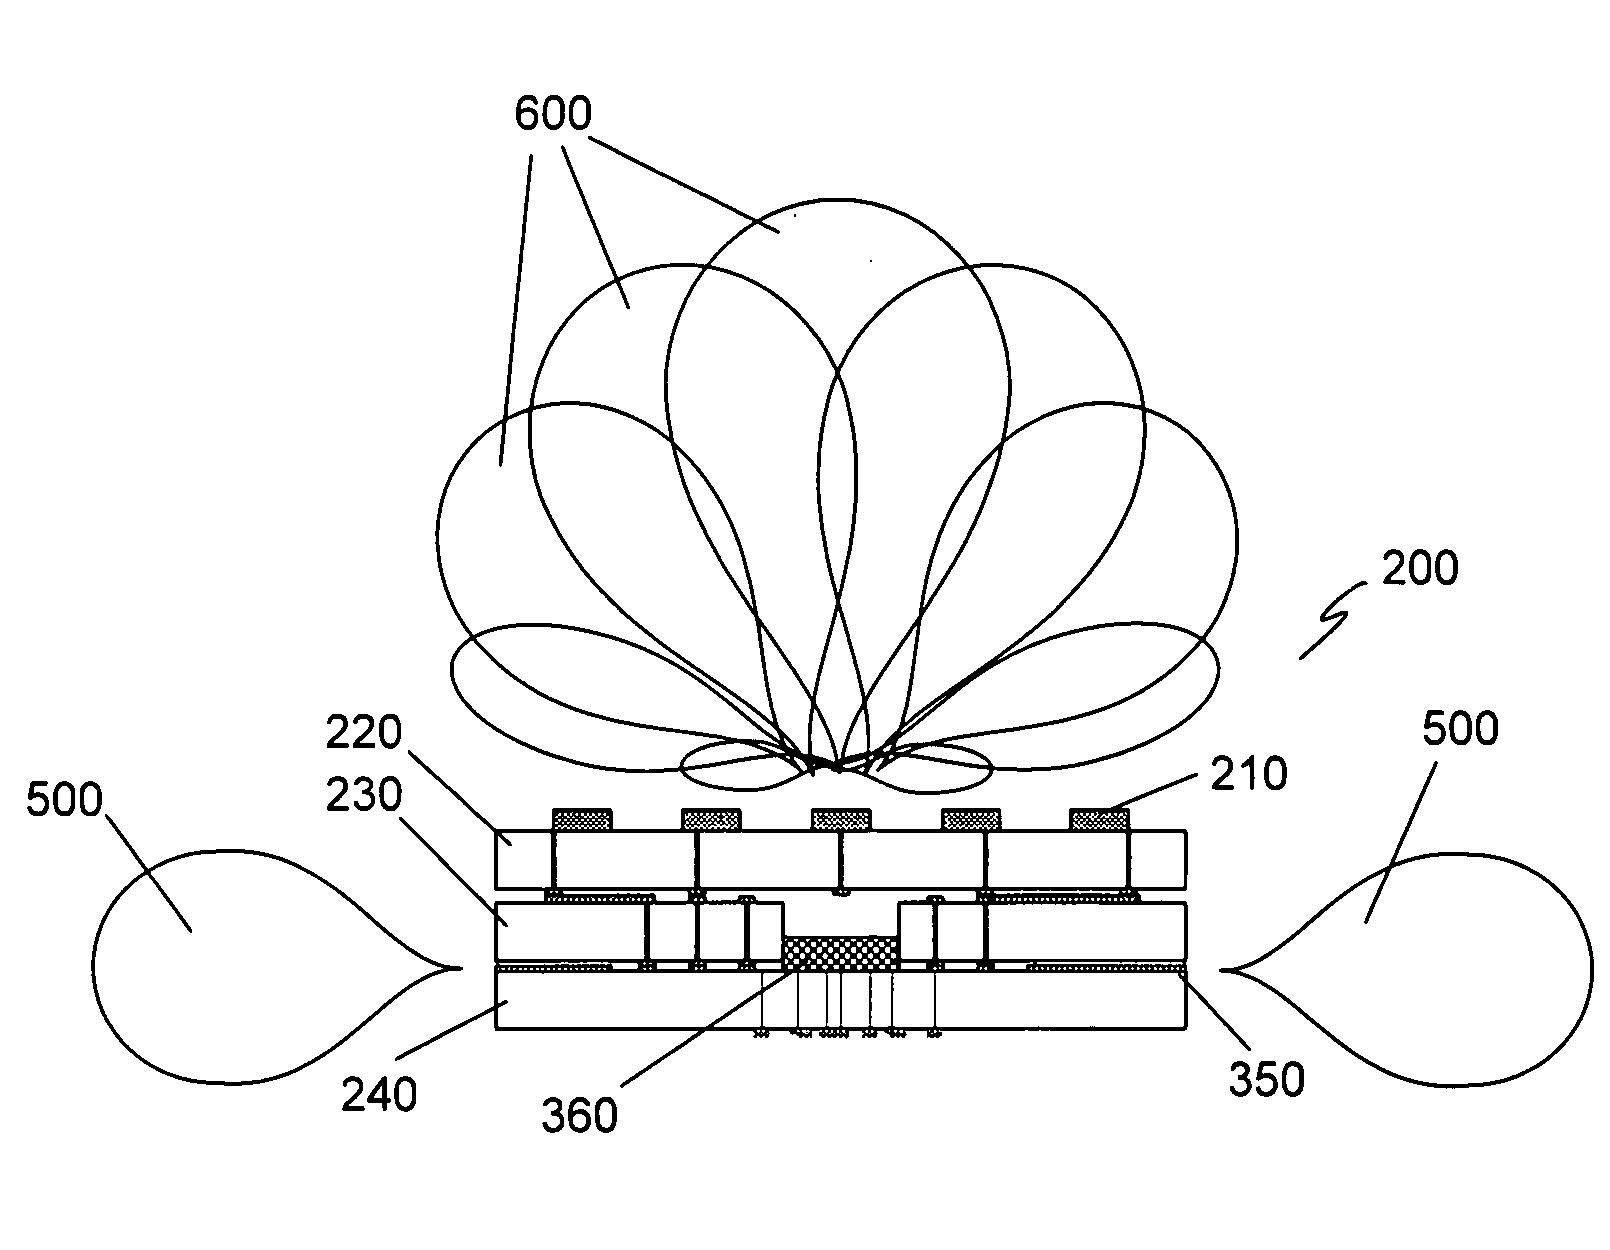 2 Meter Yagi Beam Antenna | Wiring Diagram Database